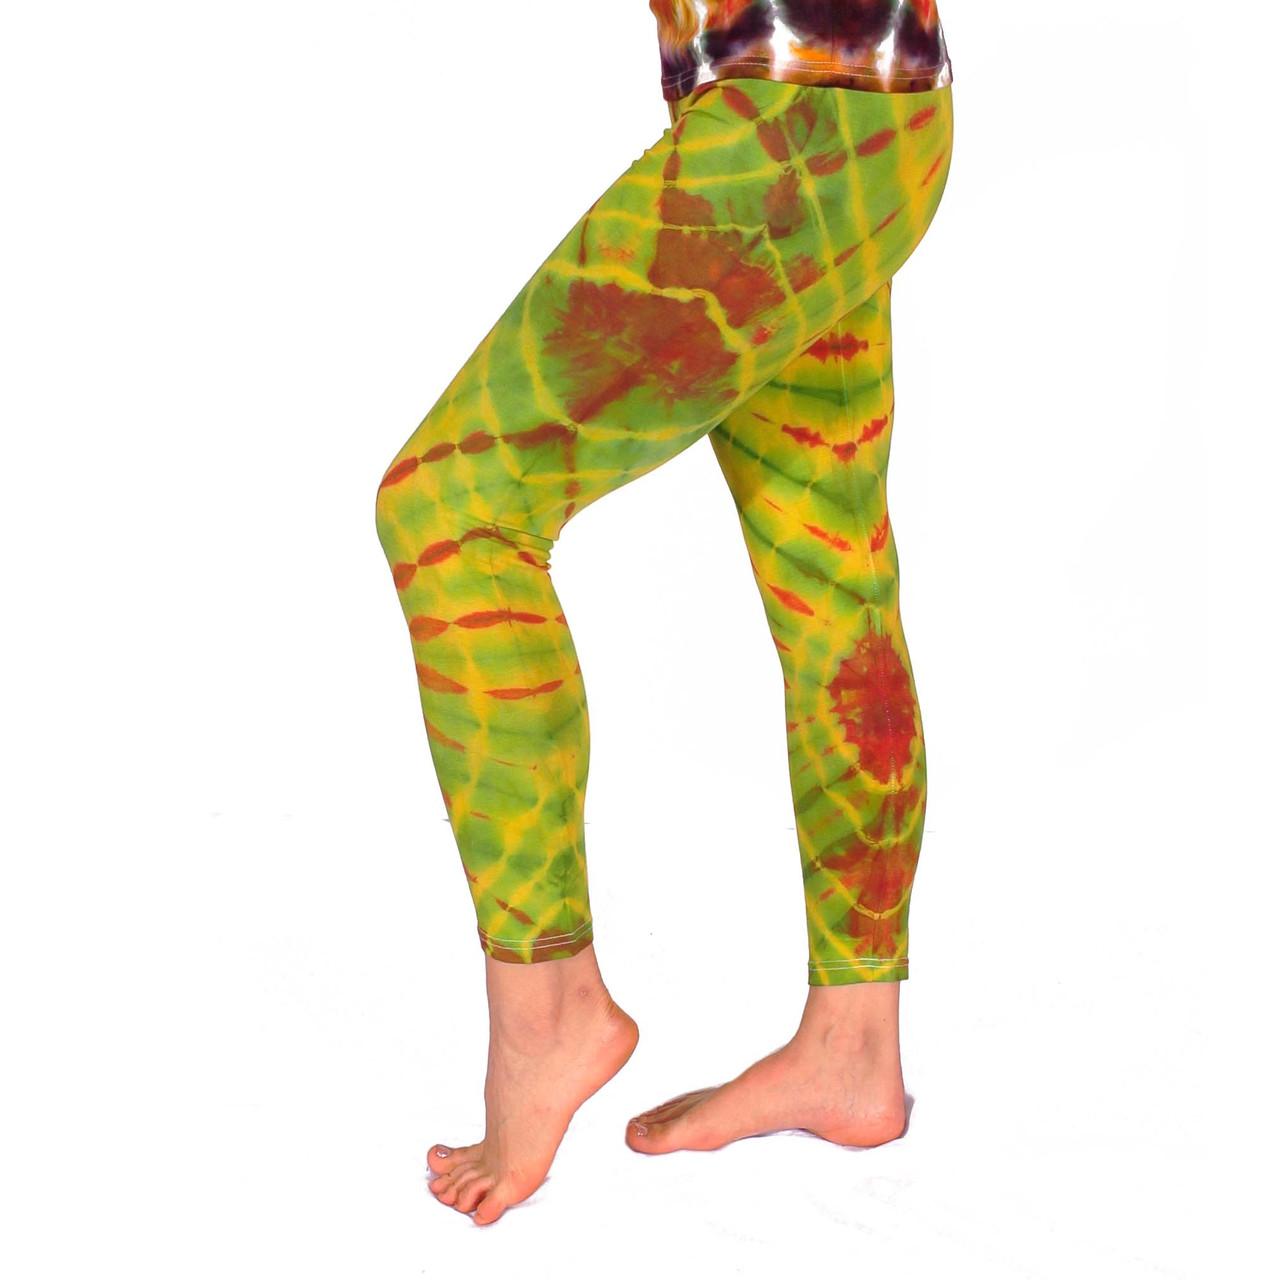 Леггинсы для йоги тай-дай, 90% хлопок, 10% эластичная лайкра